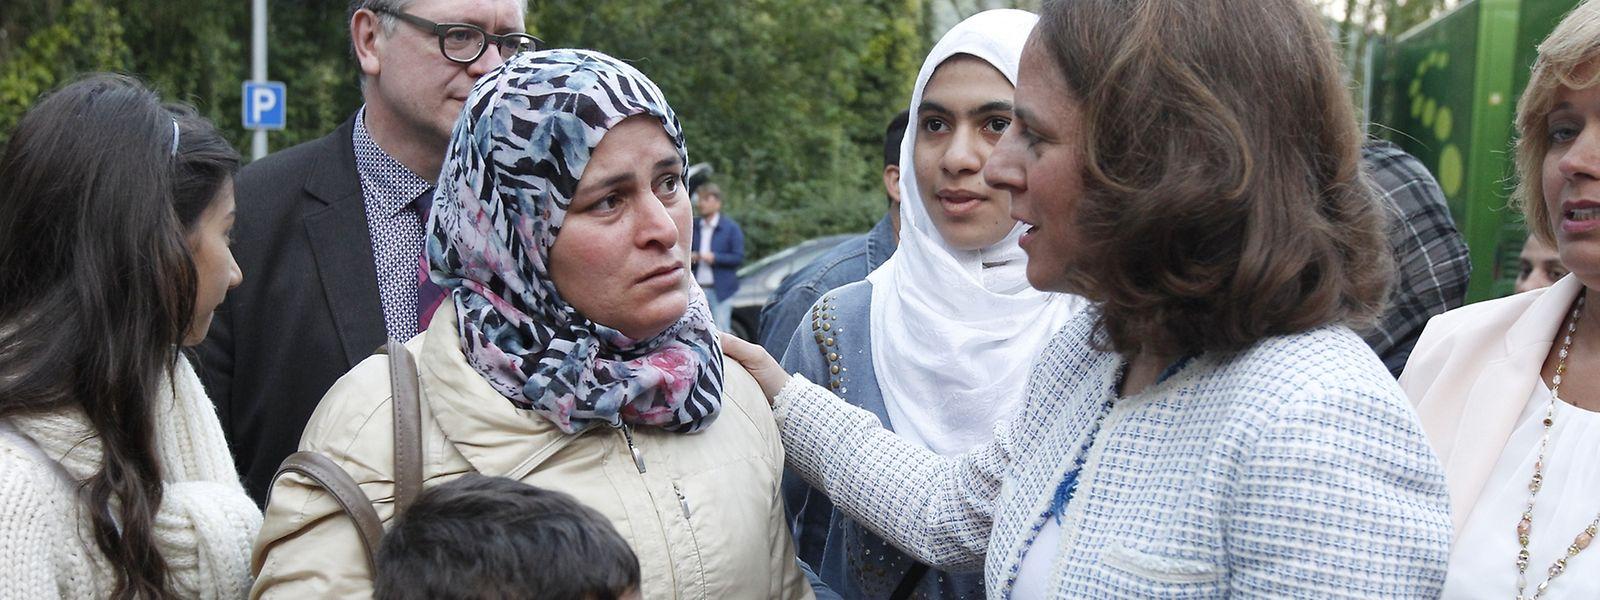 Die Integrationsministerin Corinne Cahen begrüßte die Flüchtlinge bei ihrer Ankunft in Weilerbach.